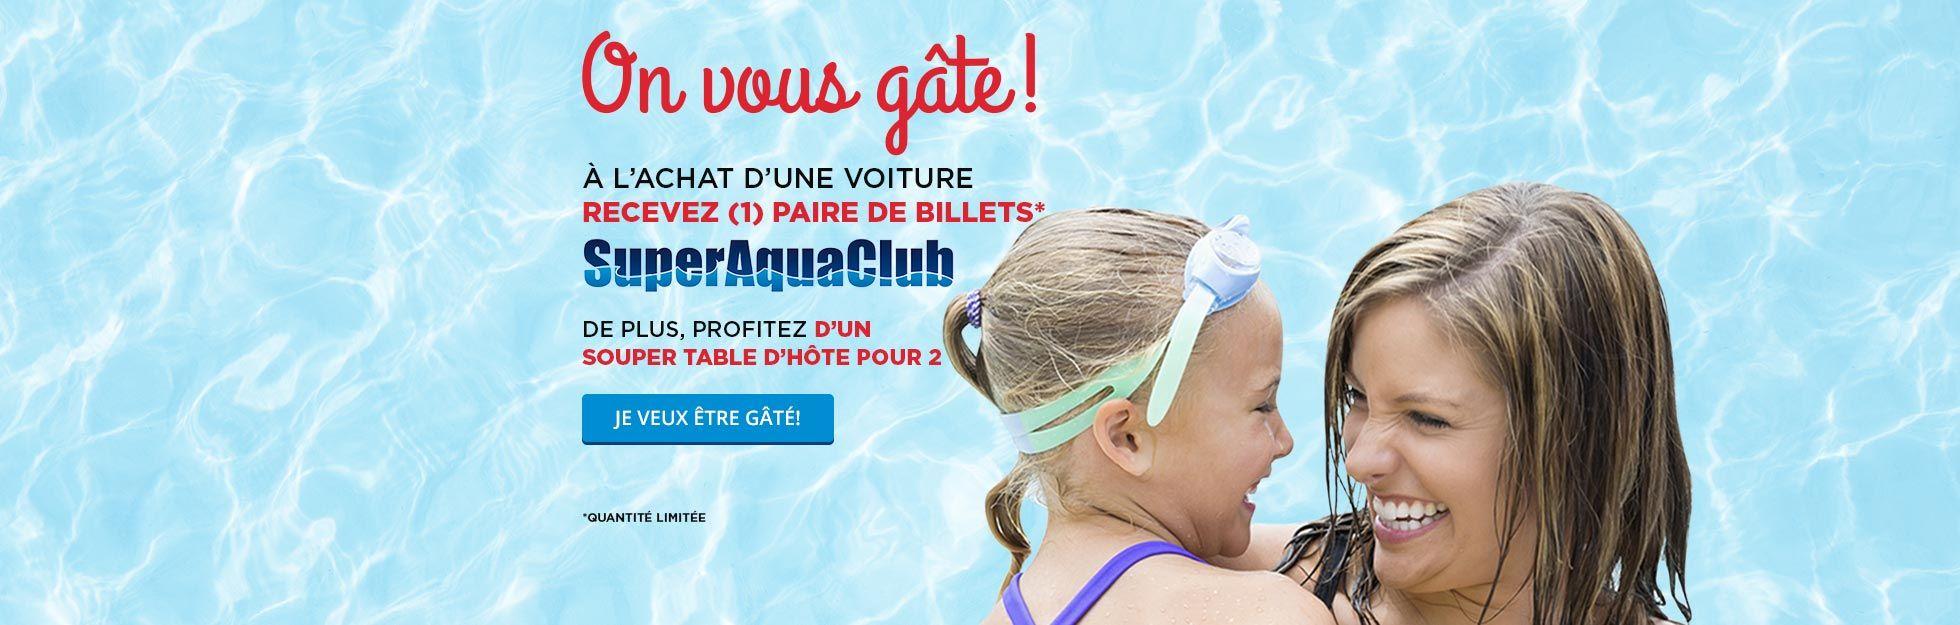 Billets Super Aqua Club